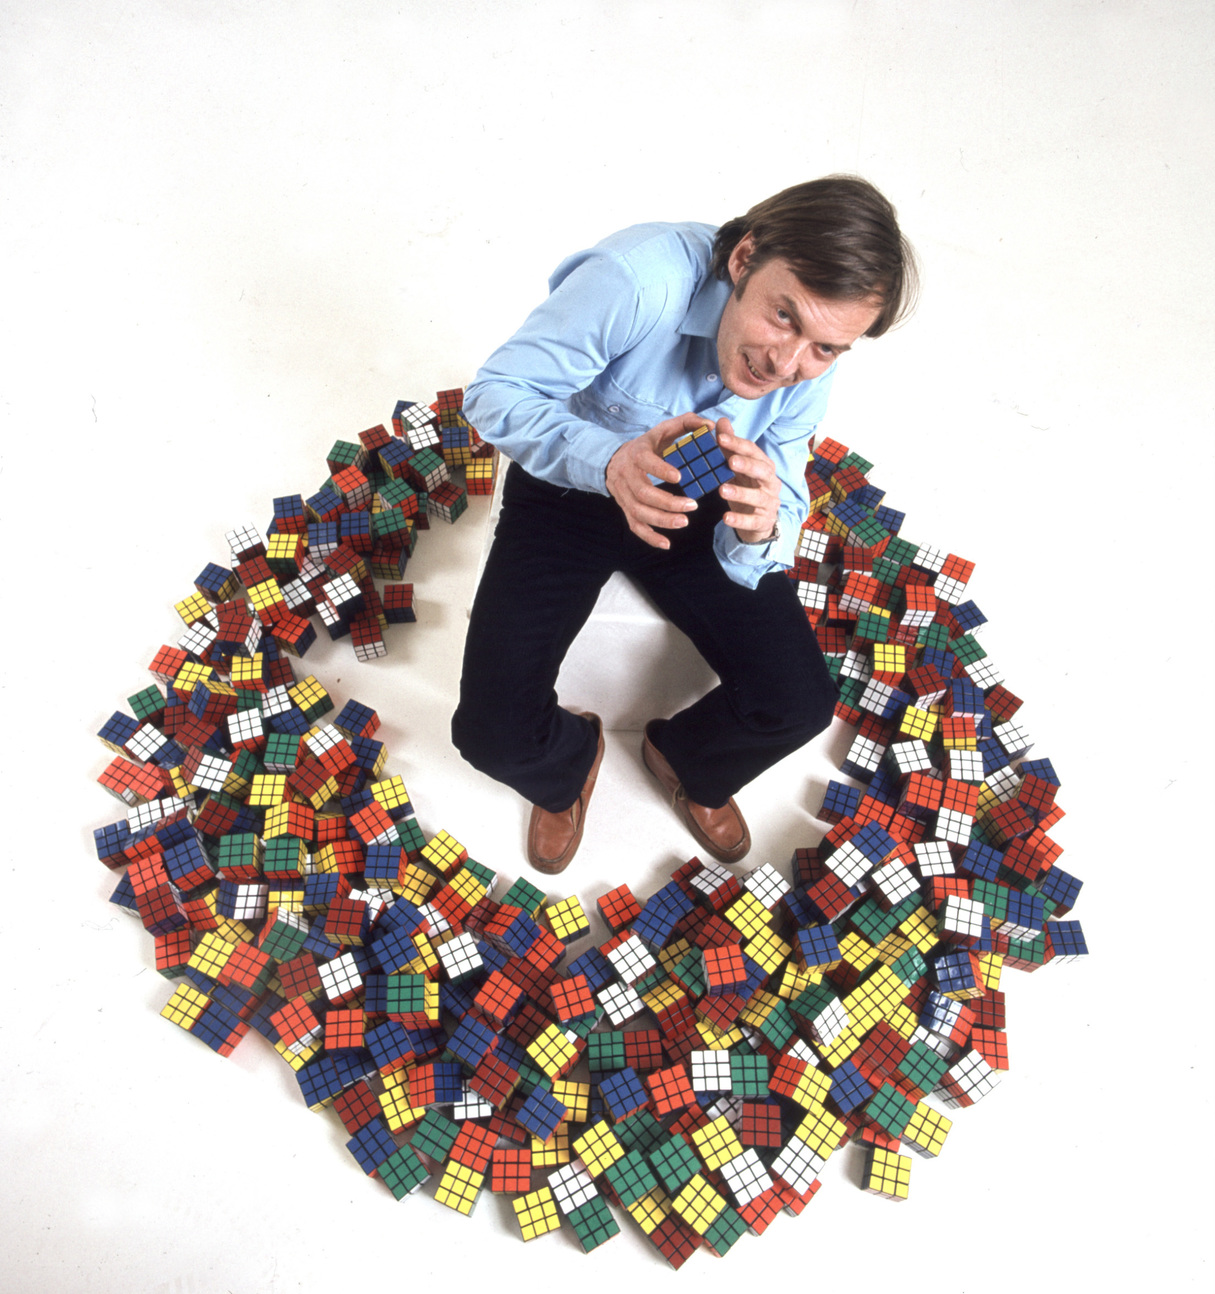 """Budapest, 1981. február 25. Ifj. Rubik Ernő építész, tárgytervező, a világhíres """"bűvös kocka"""" és több más logikai játék feltalálója kockáinak """"körében"""", egy reklámfotón. MTI Fotó: Tóth Gyula"""